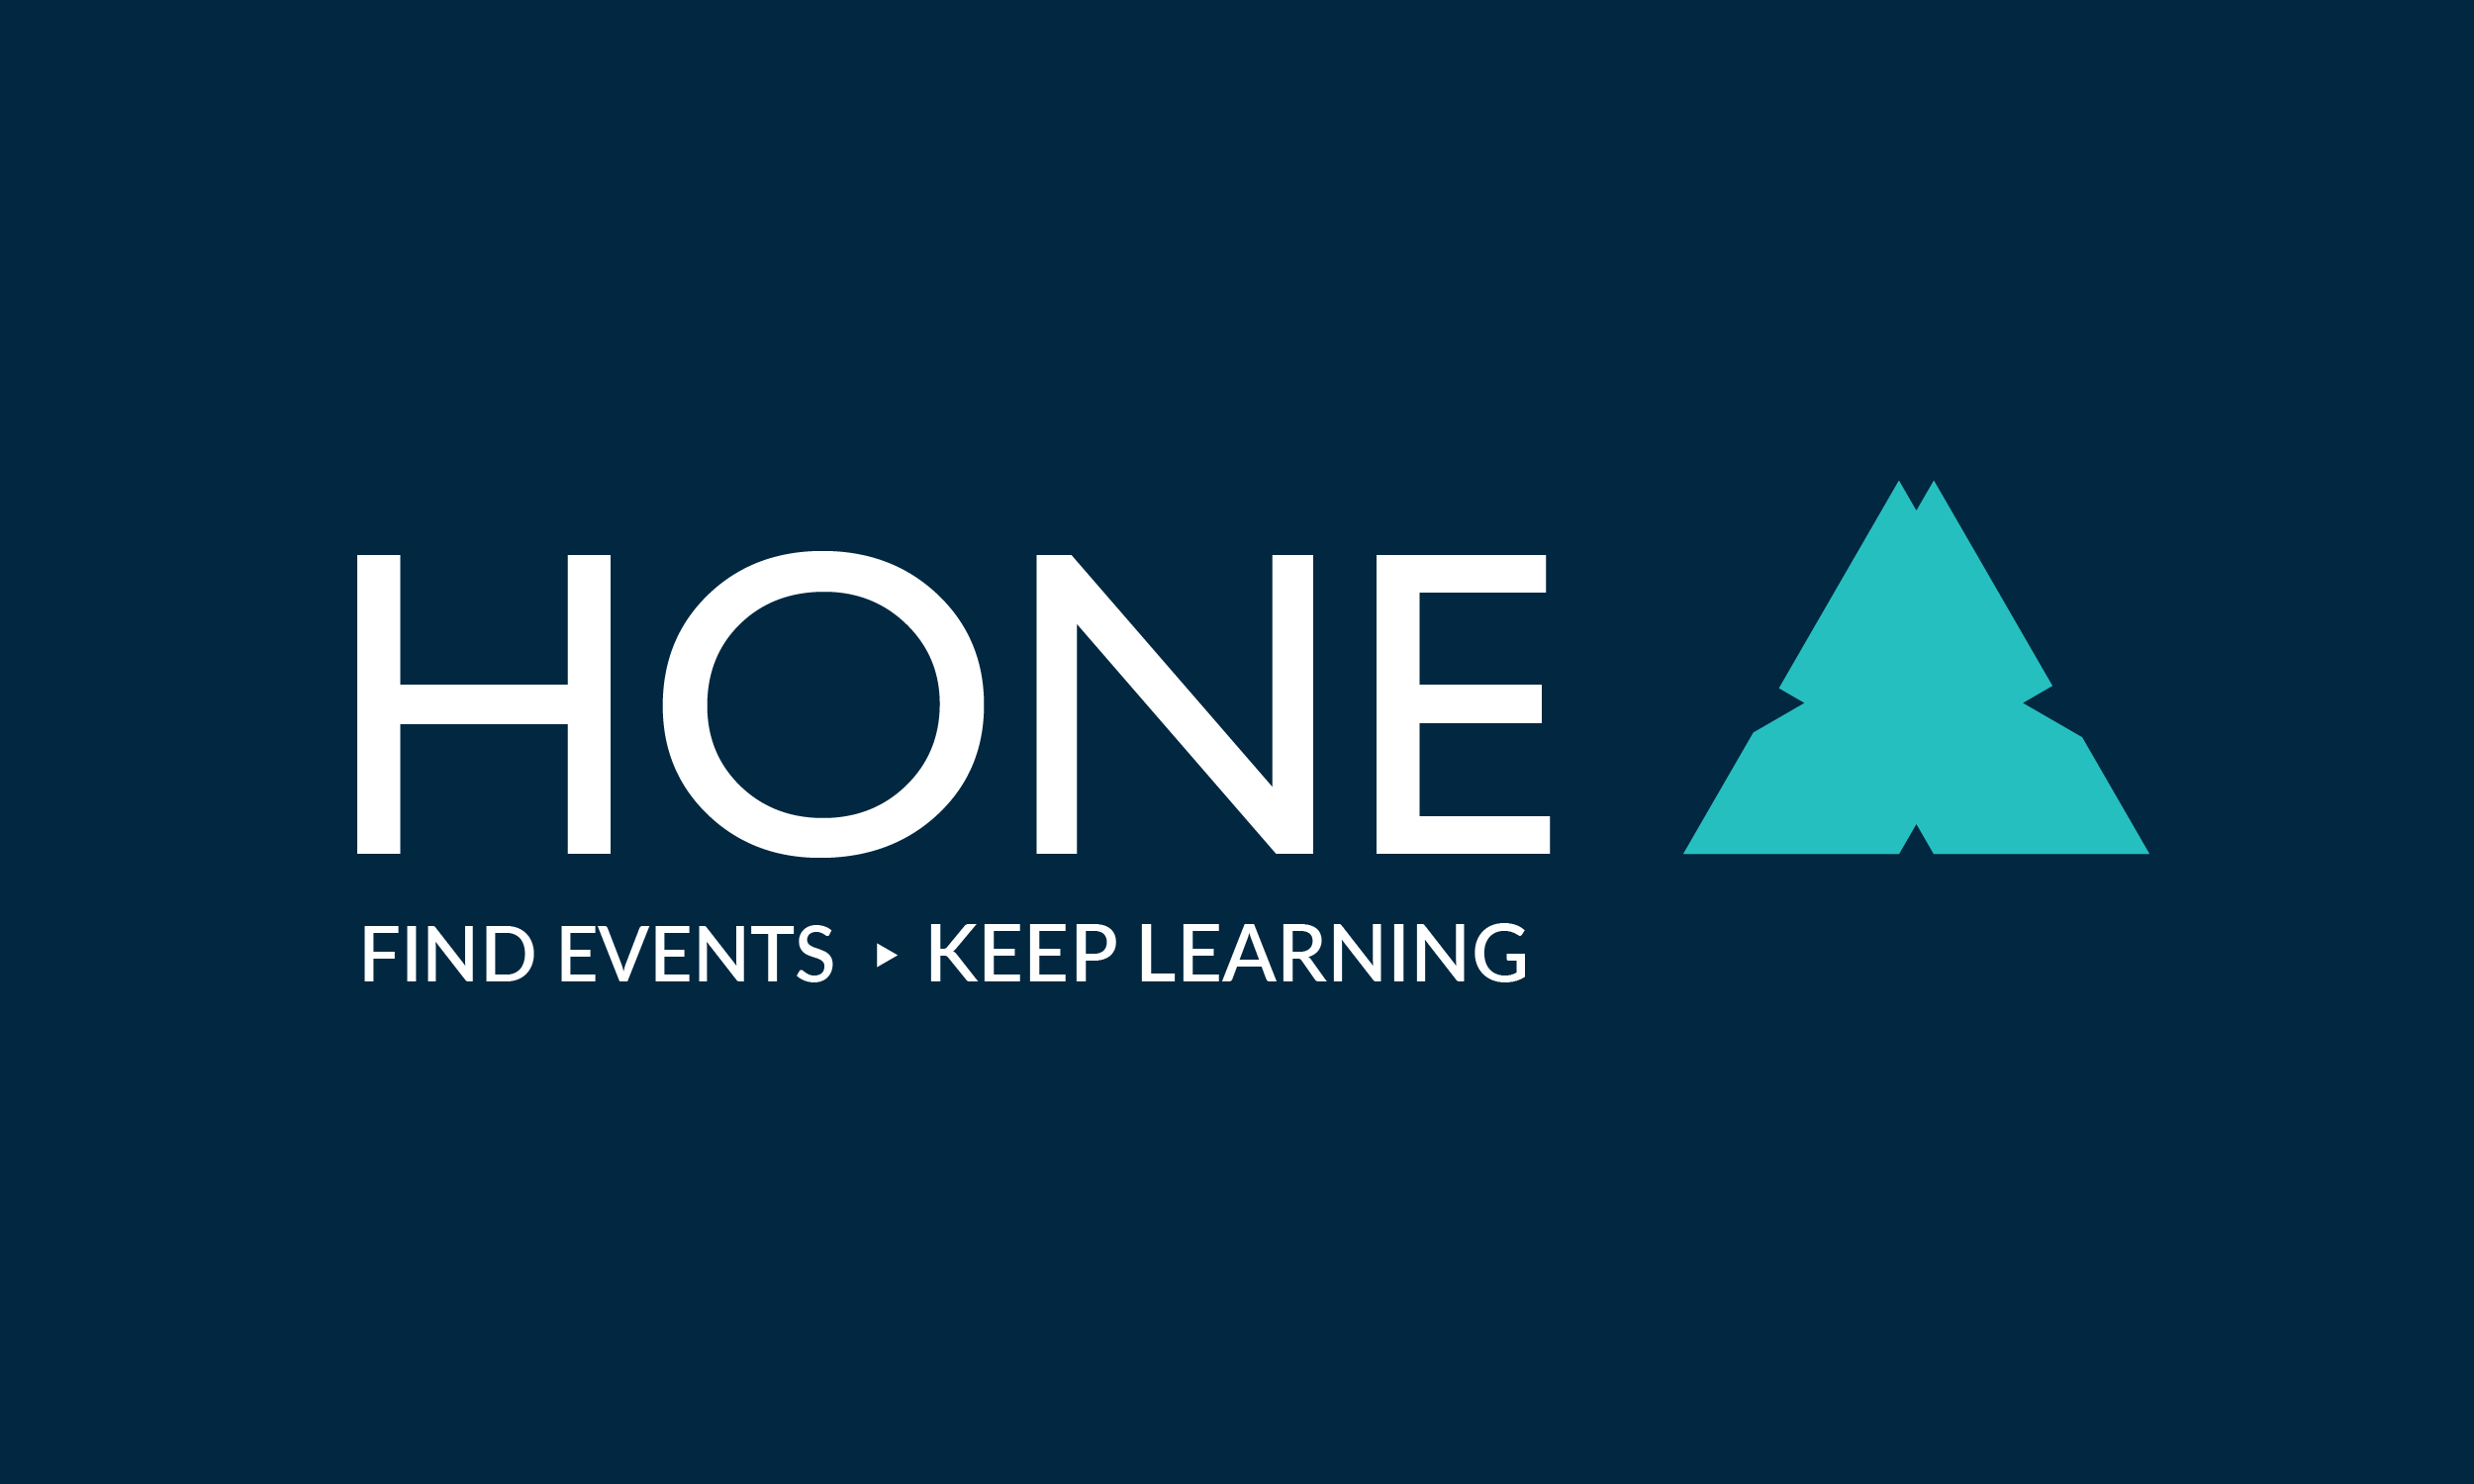 HoneLogo_Website.png